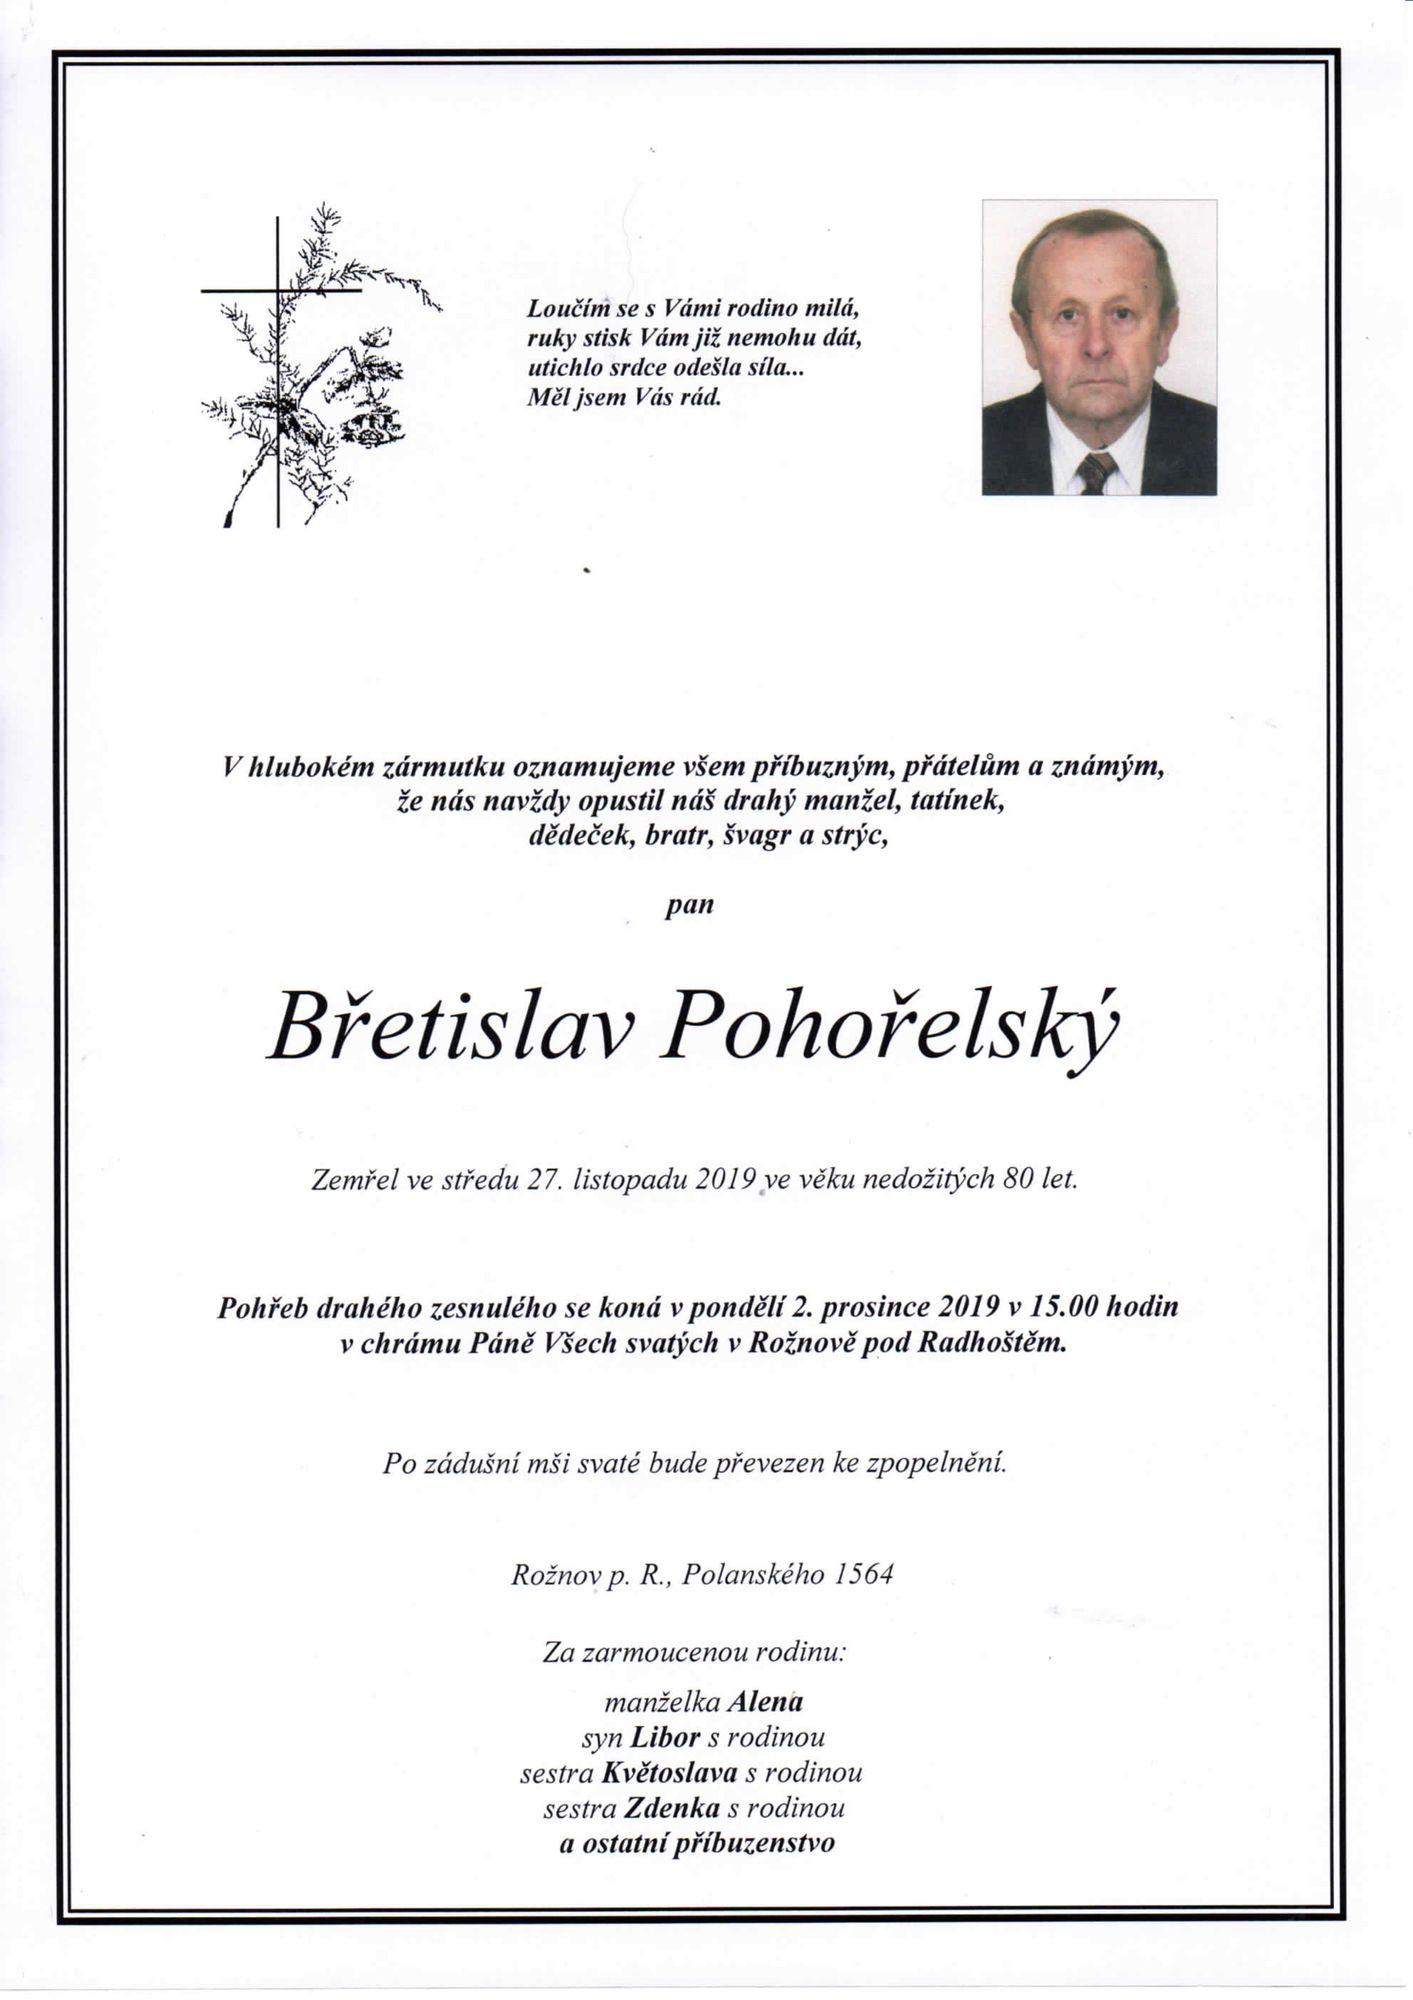 Břetislav Pohořelský